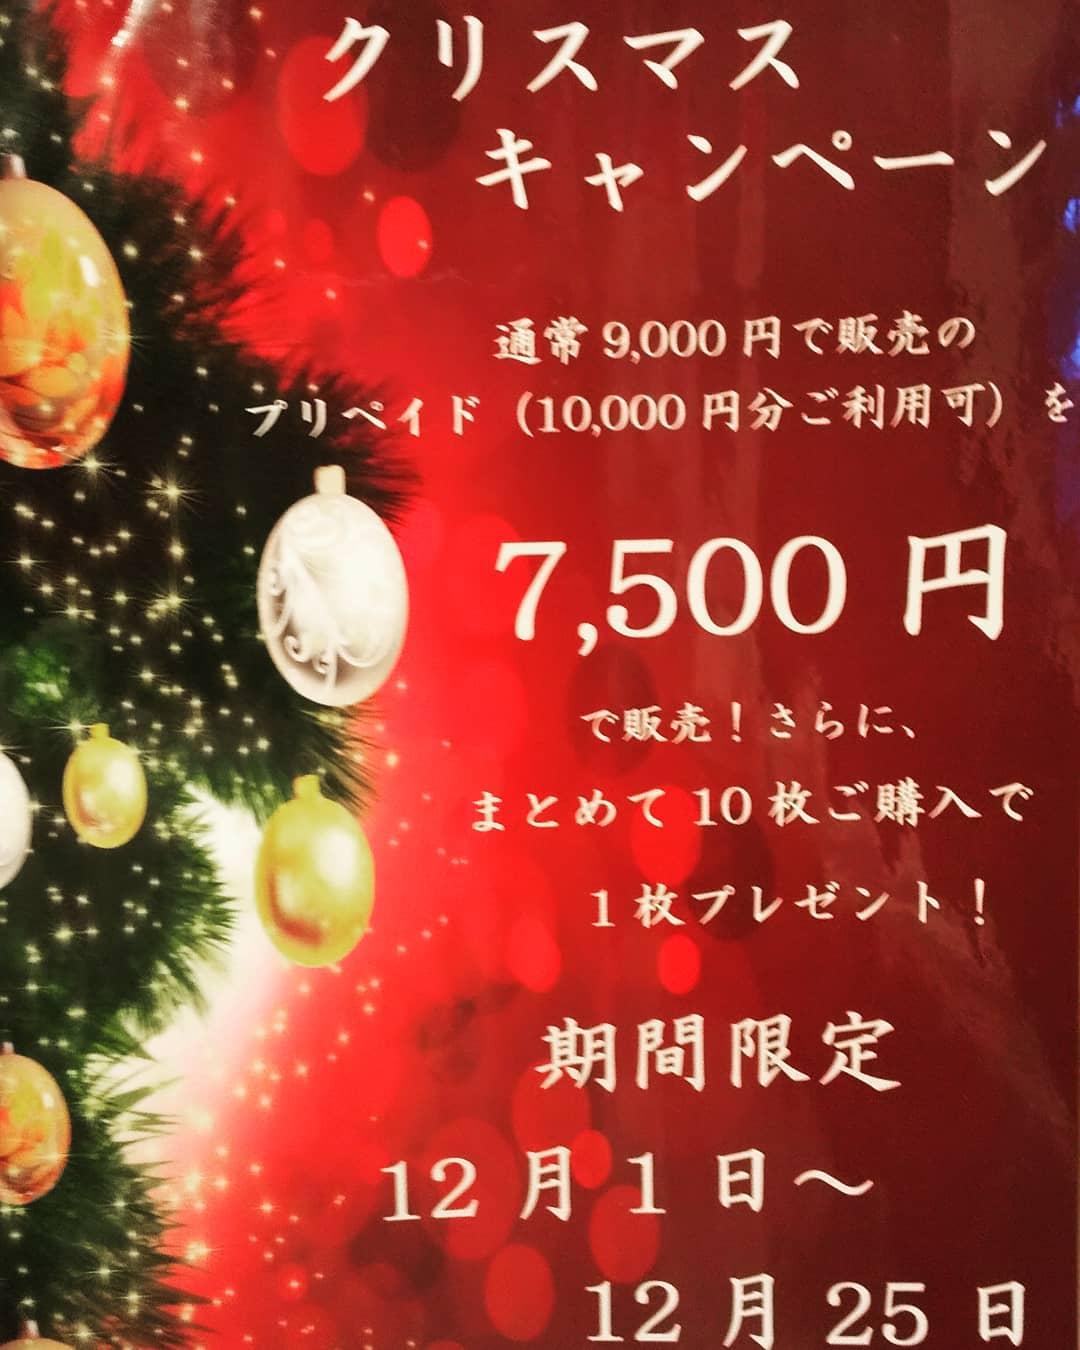 クリスマスキャンペーン⛄️🎄✨ 12月始まりましたね‼️…とゆぅ事は今年もこのキャンペーンが始まります❤️ ★☆12月1日~25日☆★ 10,000円分使えるプリペイド、 通常9,000円のところを………なんと! ⚠️⚠️⚠️ ✨  7,500円 ✨ ⚠️⚠️⚠️ で買えちゃうのです‼️ 更に10枚まとめて購入された方にはもぅ1枚プレゼント✨🎁✨ タンニングはもちろんコラーゲンマシンにも酸素カプセルにも使えます😆💕💯 お得なこの機会に是非ご利用ください☆